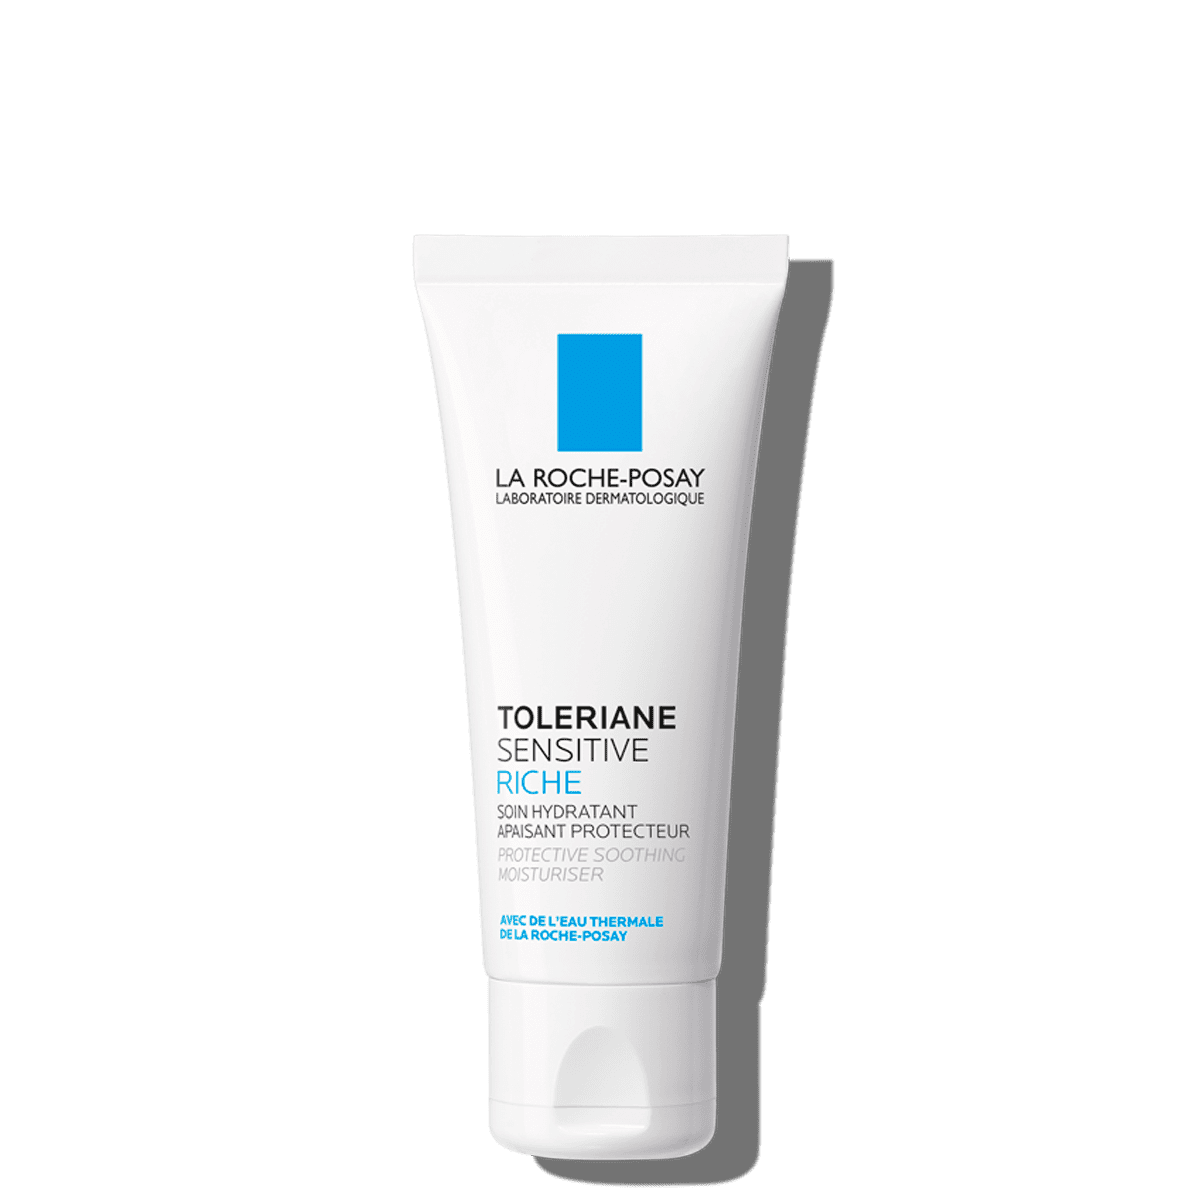 La Roche Posay ProductPage Sensitive Allergic Toleriane Riche 40ml 343